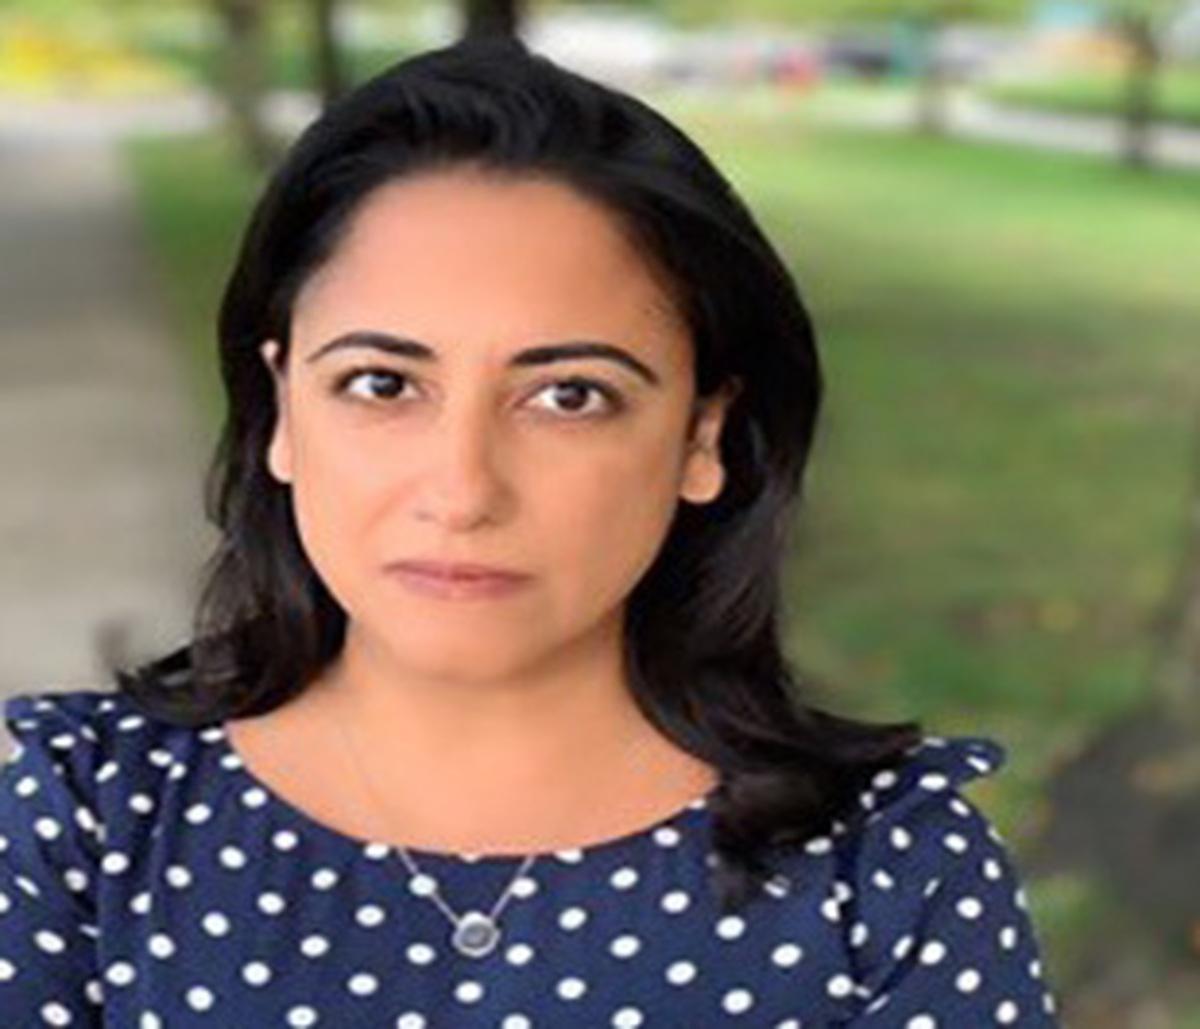 اولین زن ایرانی در کانادا قاضی فدرال شد| لعبت صدر هاشمی قاضی فدرال کانادا